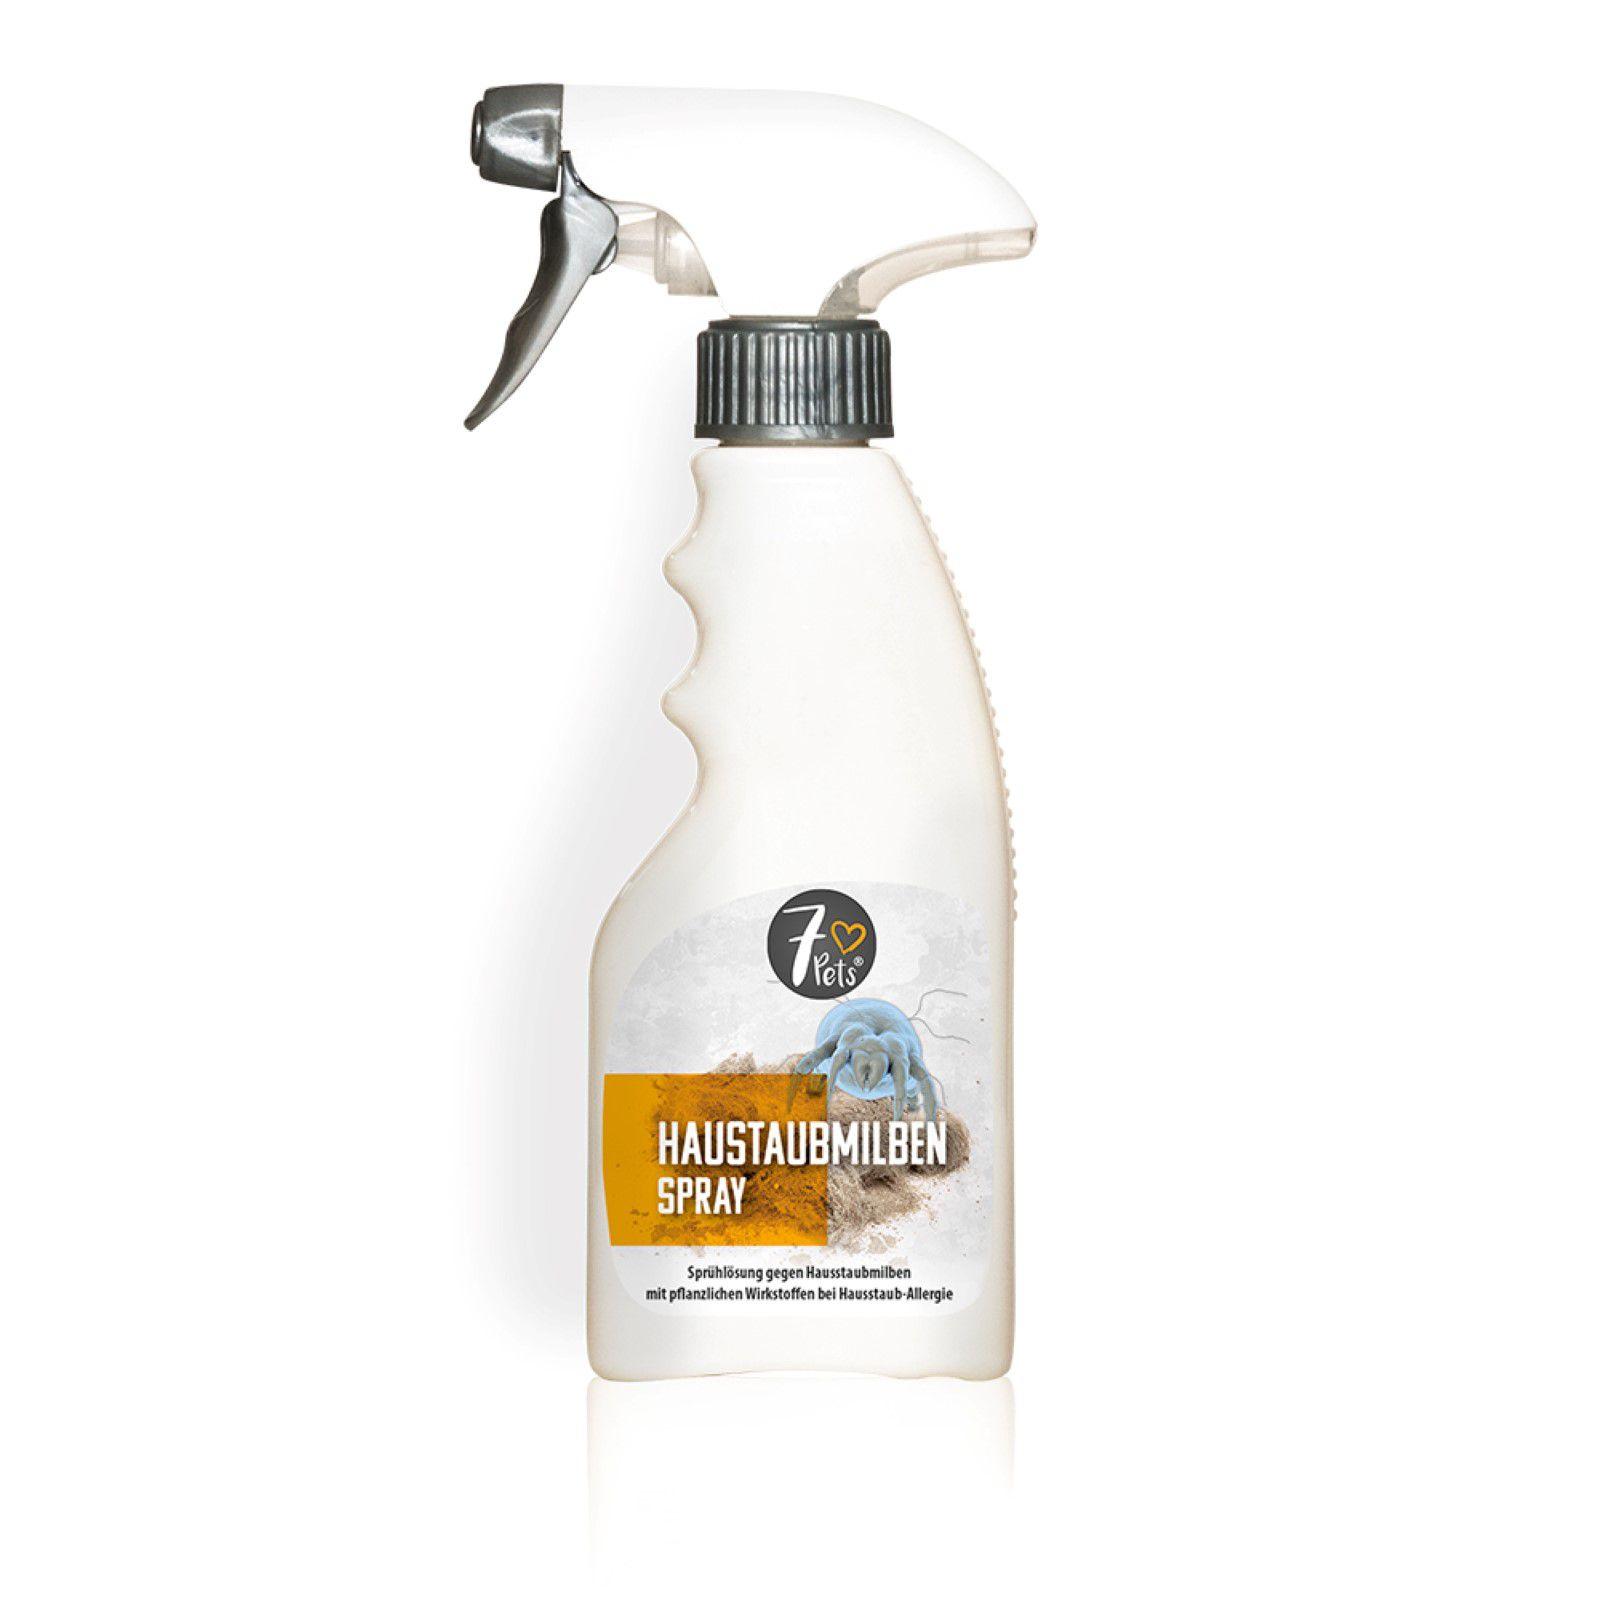 7 ♥ Pets Hausstaubmilben Spray - Sprühlösung gegen Hausstaubmilben